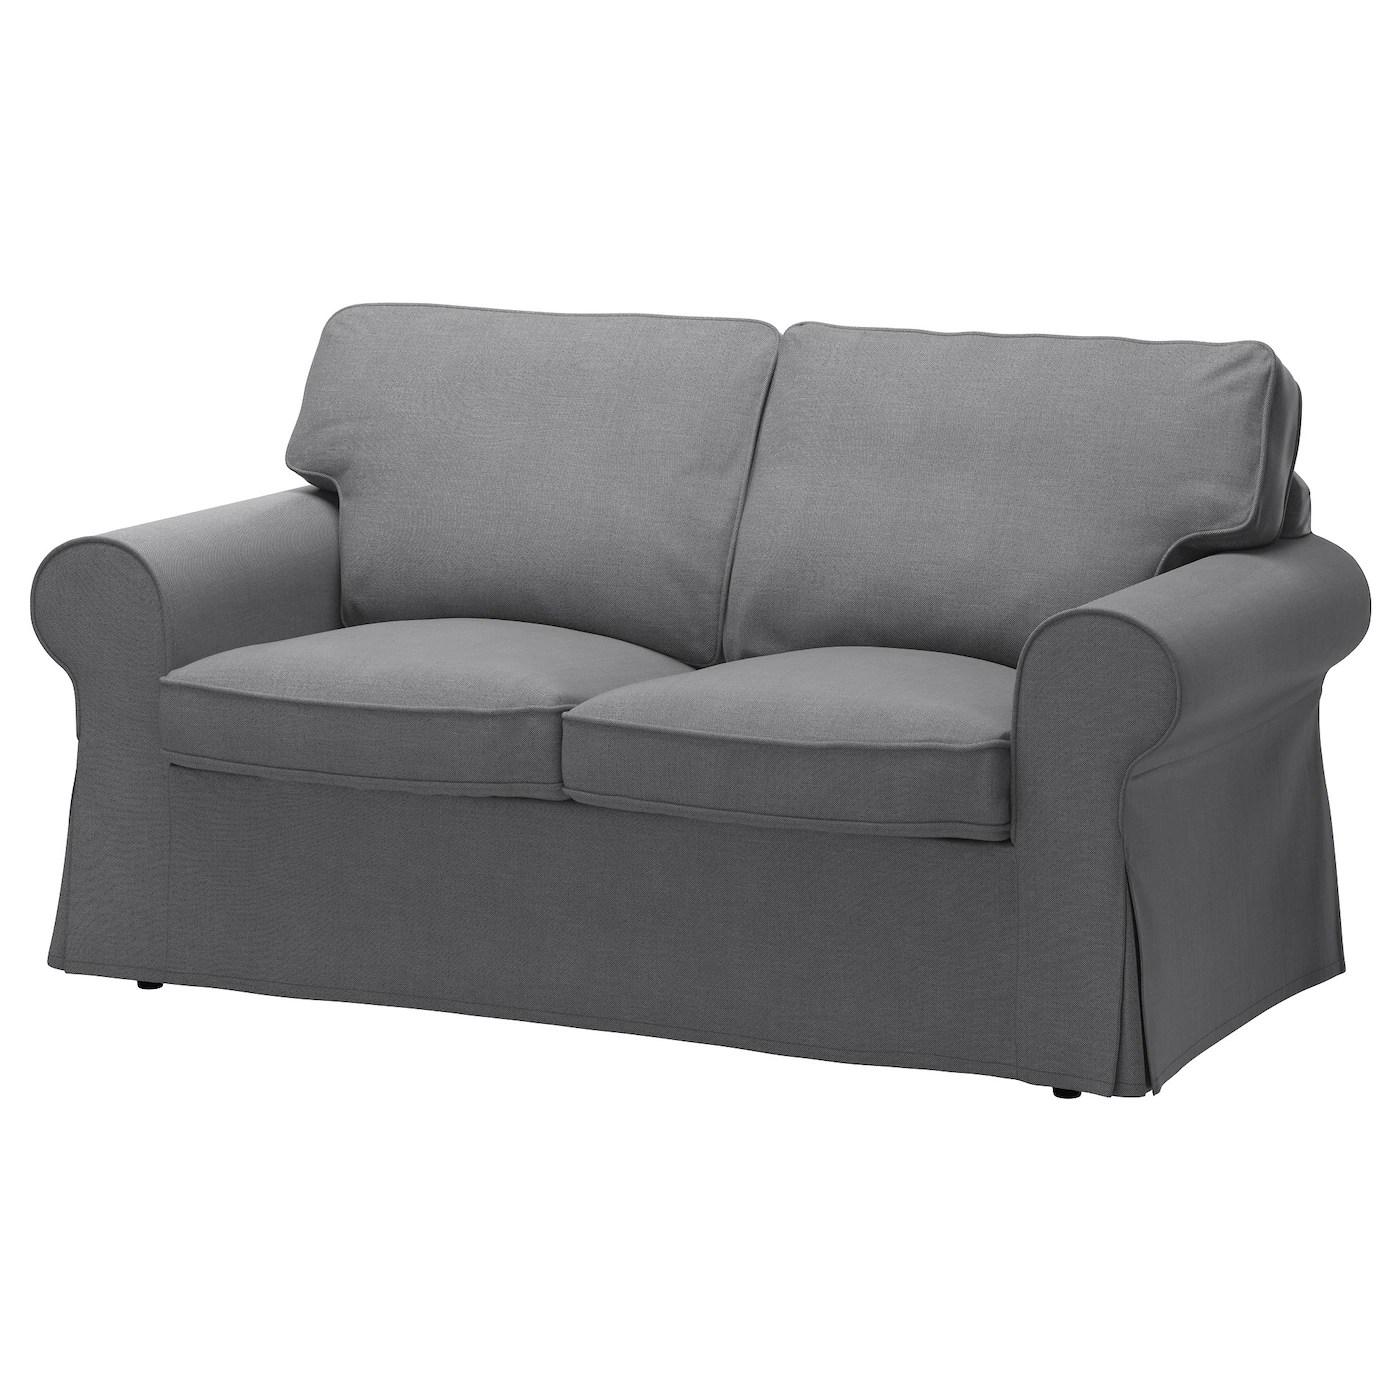 sofa 10 year guarantee floral ektorp two-seat nordvalla dark grey - ikea